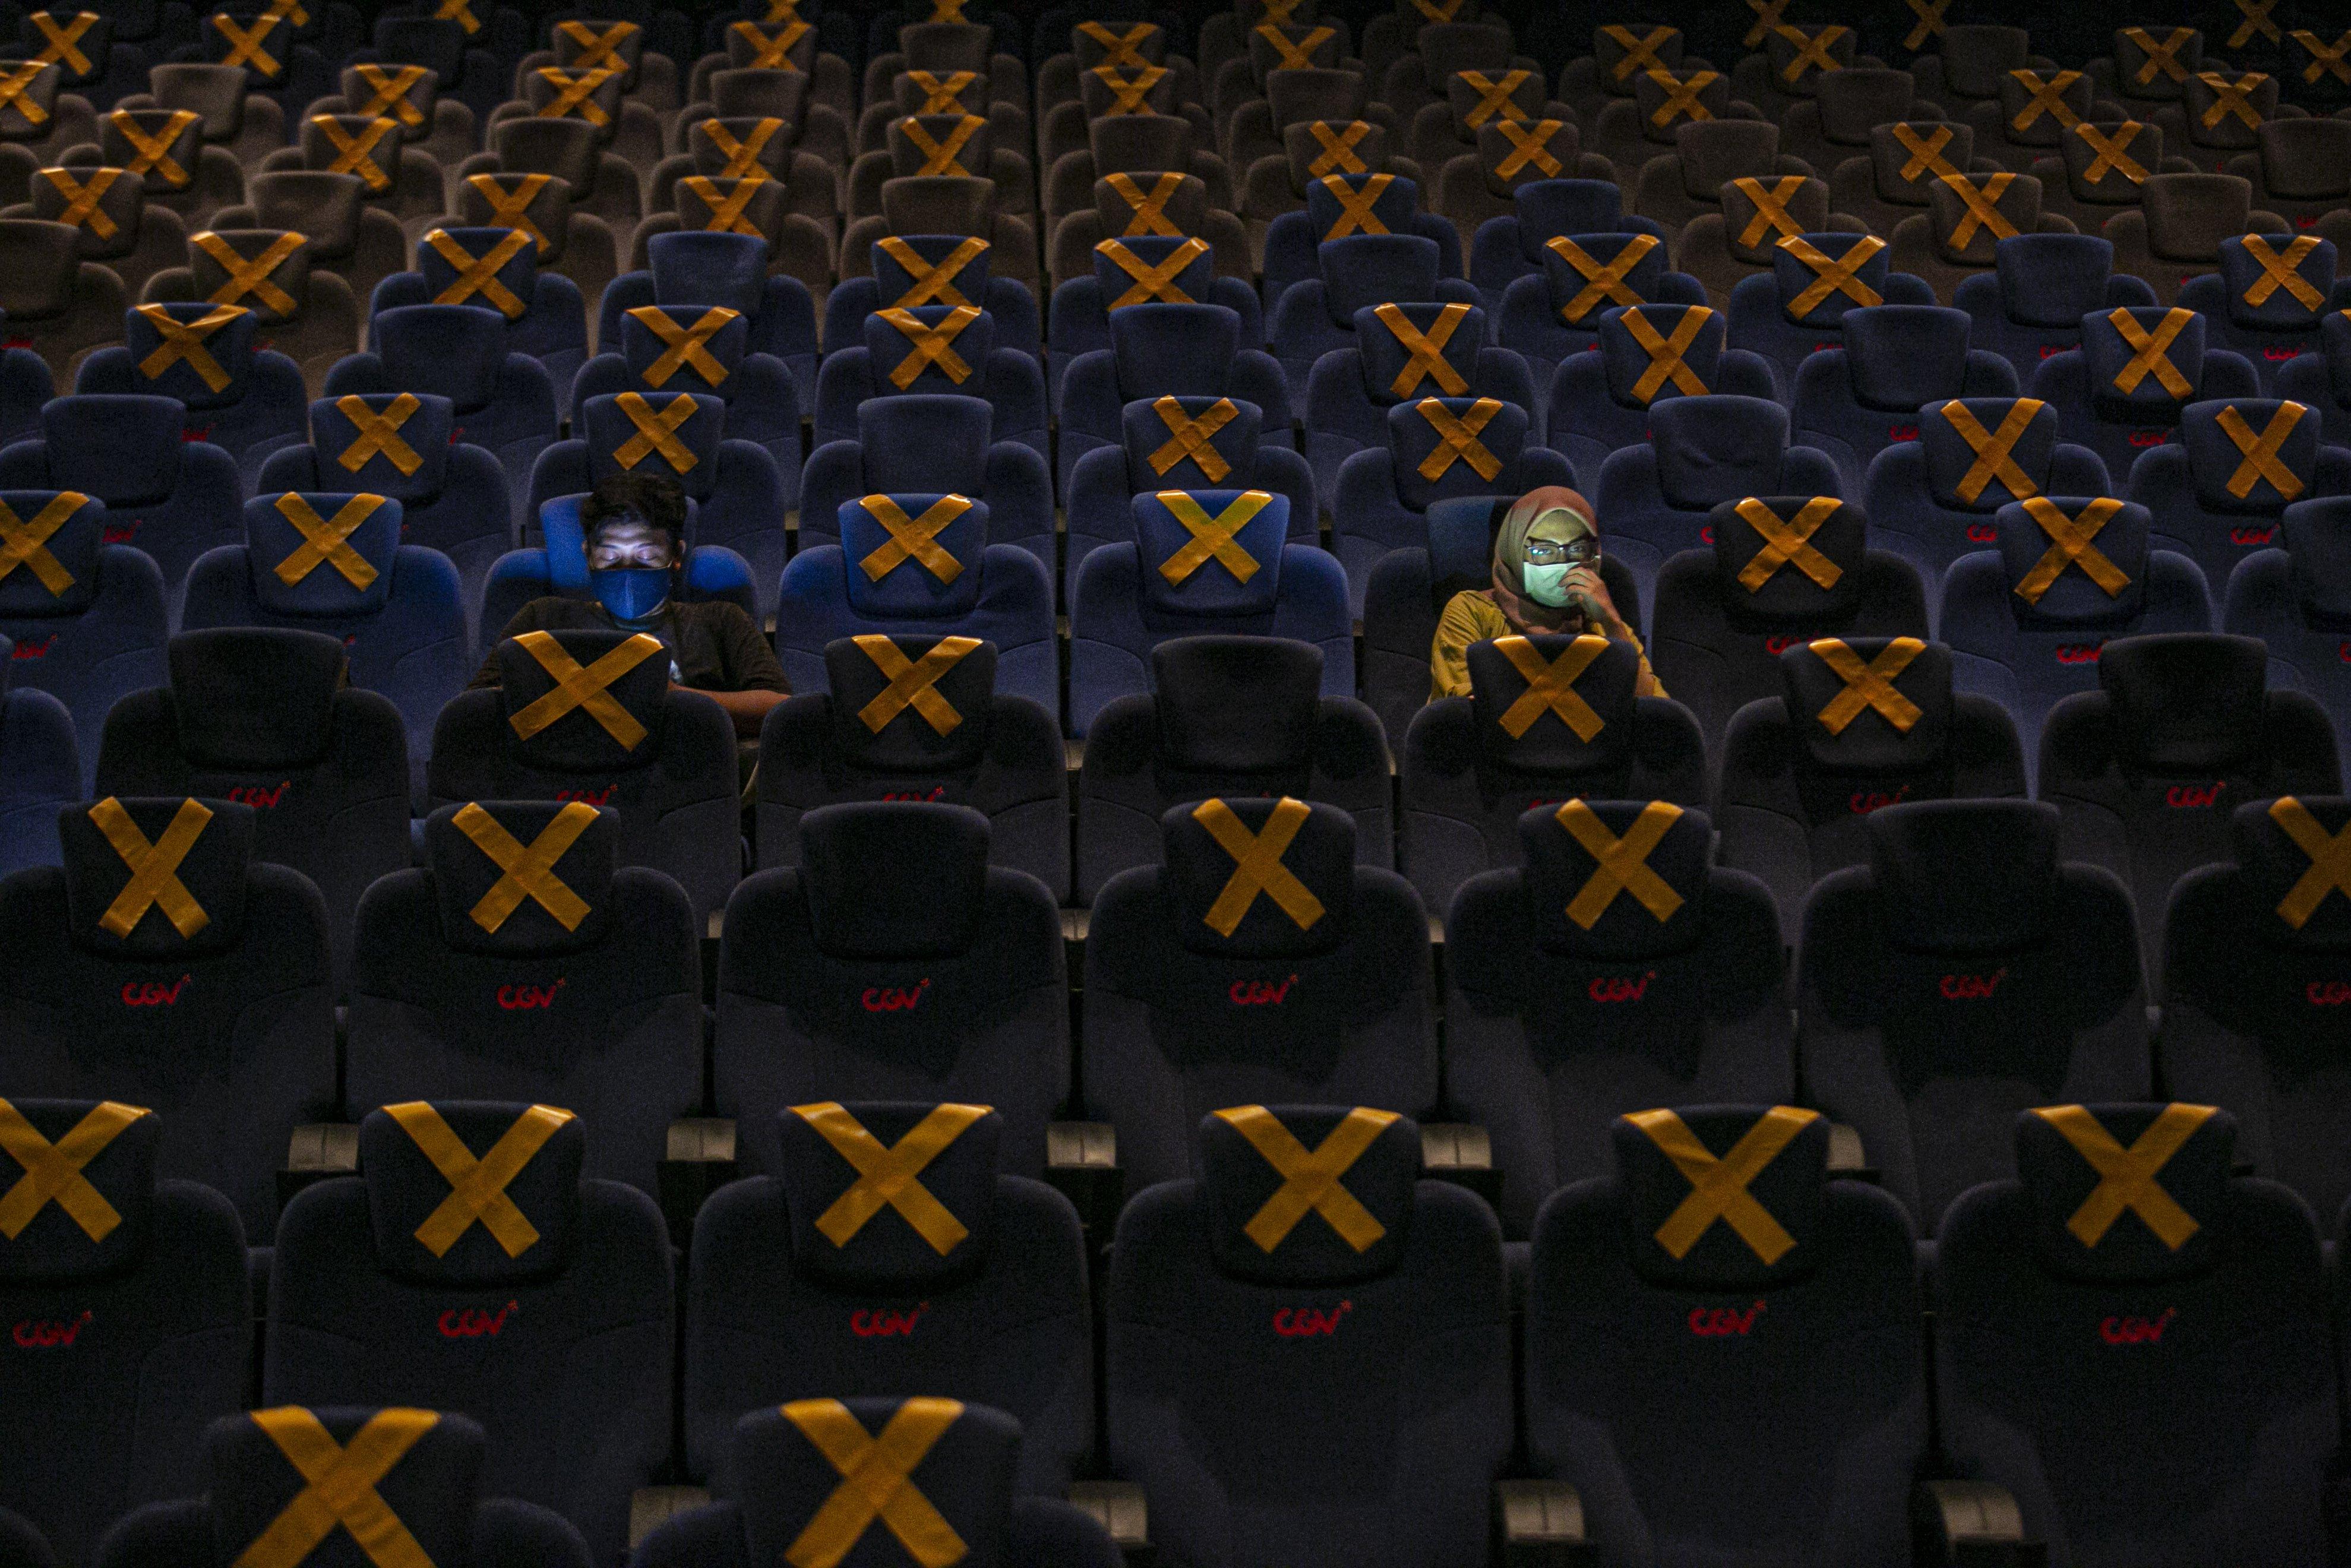 Pengunjung menyaksikan film di bioskop CGV Grand Indonesia Jakarta Pusat, Rabu, (21/10/2020). Sejumlah bioskop di Ibu Kota kembali beroperasi per hari Rabu (21/10/2020) setelah mendapatkan izin dari Pemprov DKI Jakarta dengan jumlah penonton dibatasi maksimal 25 persen dari total kapasitas. Pihak bioskop menerapkan protokol kesehatan yang ketat dan tidak memperkenankan pengunjung untuk makan di dalam ruang bioskop.